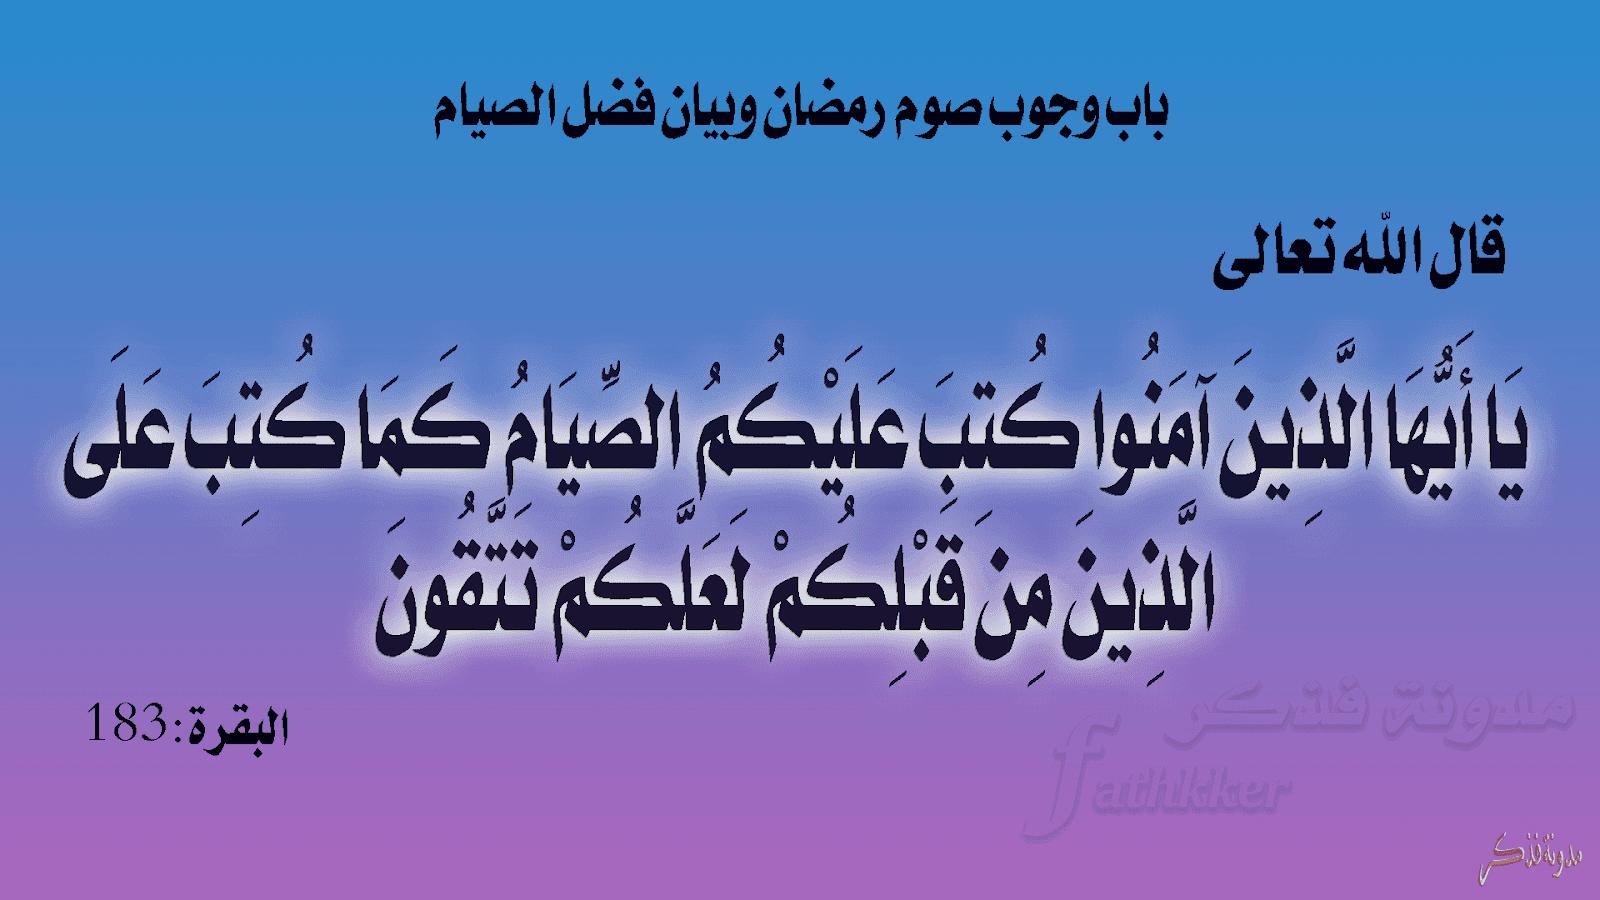 باب وجوب صوم رمضان وبيان فضل الصيام فذكر